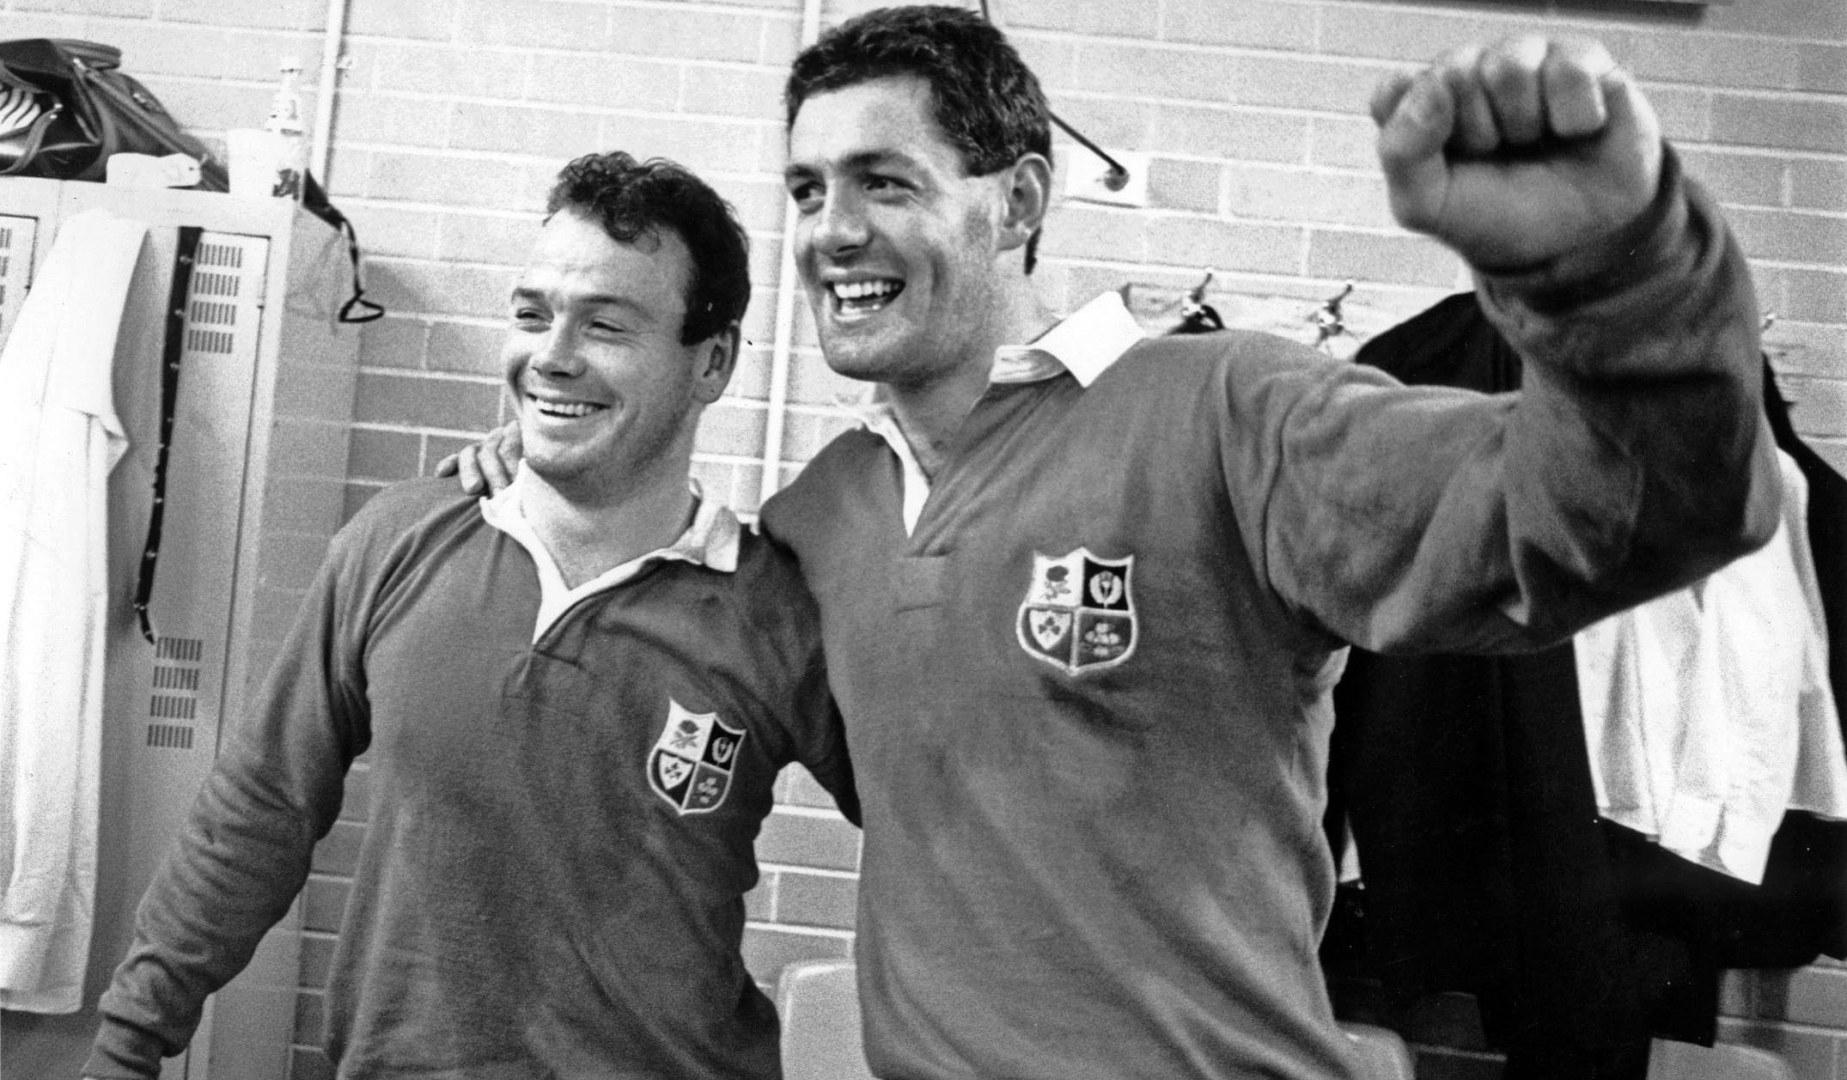 British & Irish Lions captains: Gavin Hastings